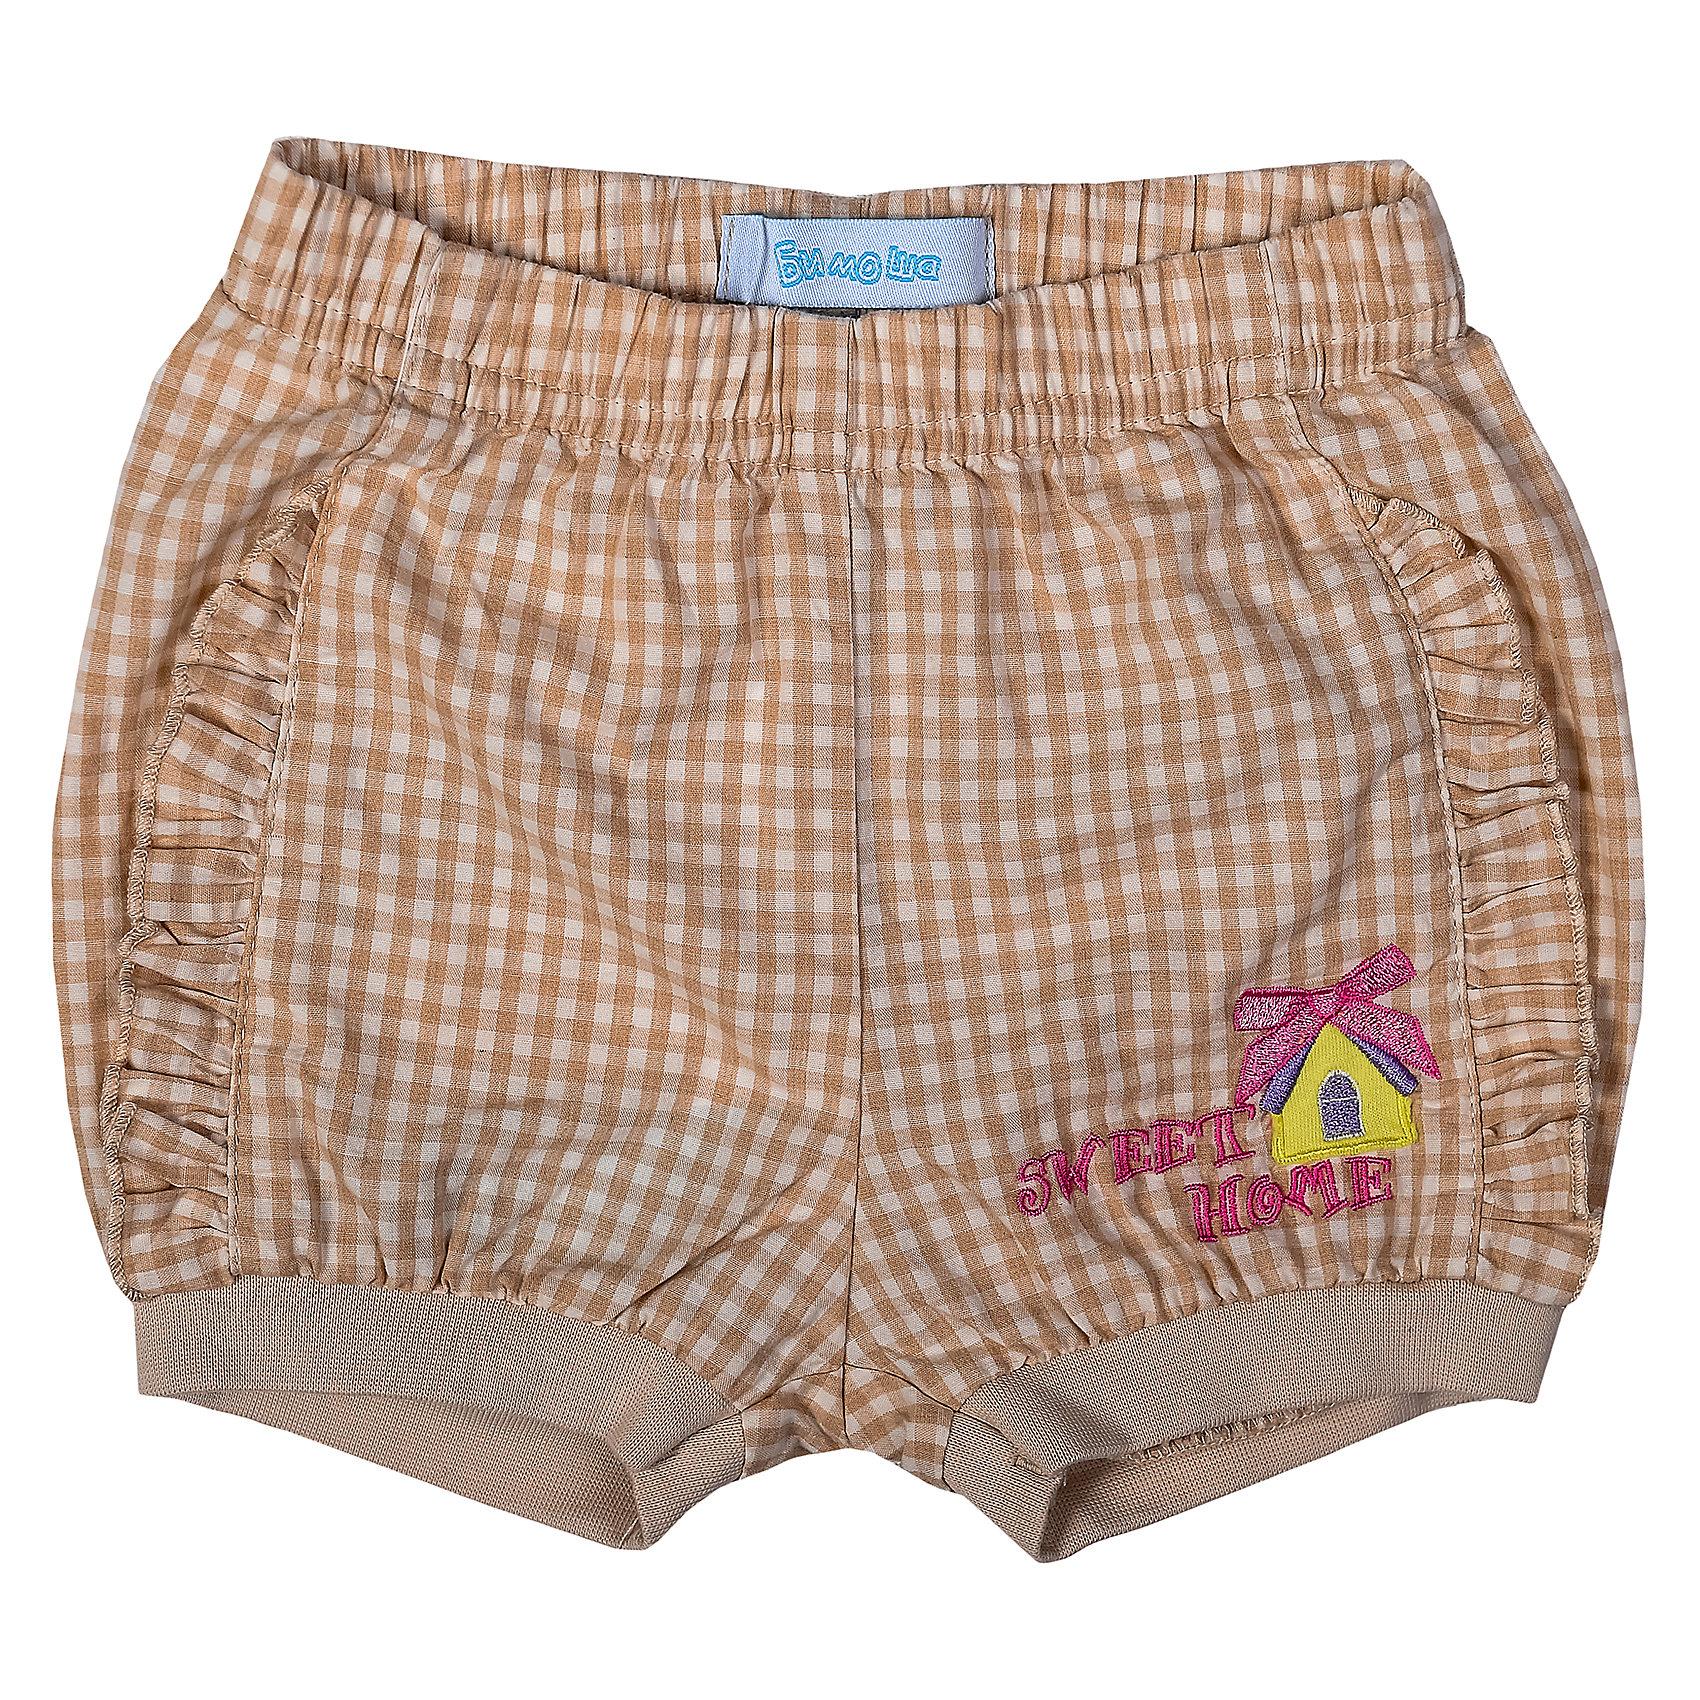 Шорты для девочки БимошаШорты, бриджи, капри<br>Однотонные шорты украшены контрастной вышивкой  и рюшами,  пояс изделия на резинке. Состав: 100% хлопок<br><br>Ширина мм: 191<br>Глубина мм: 10<br>Высота мм: 175<br>Вес г: 273<br>Цвет: mehrfarbig<br>Возраст от месяцев: 6<br>Возраст до месяцев: 9<br>Пол: Женский<br>Возраст: Детский<br>Размер: 74,92,80,86<br>SKU: 4645442